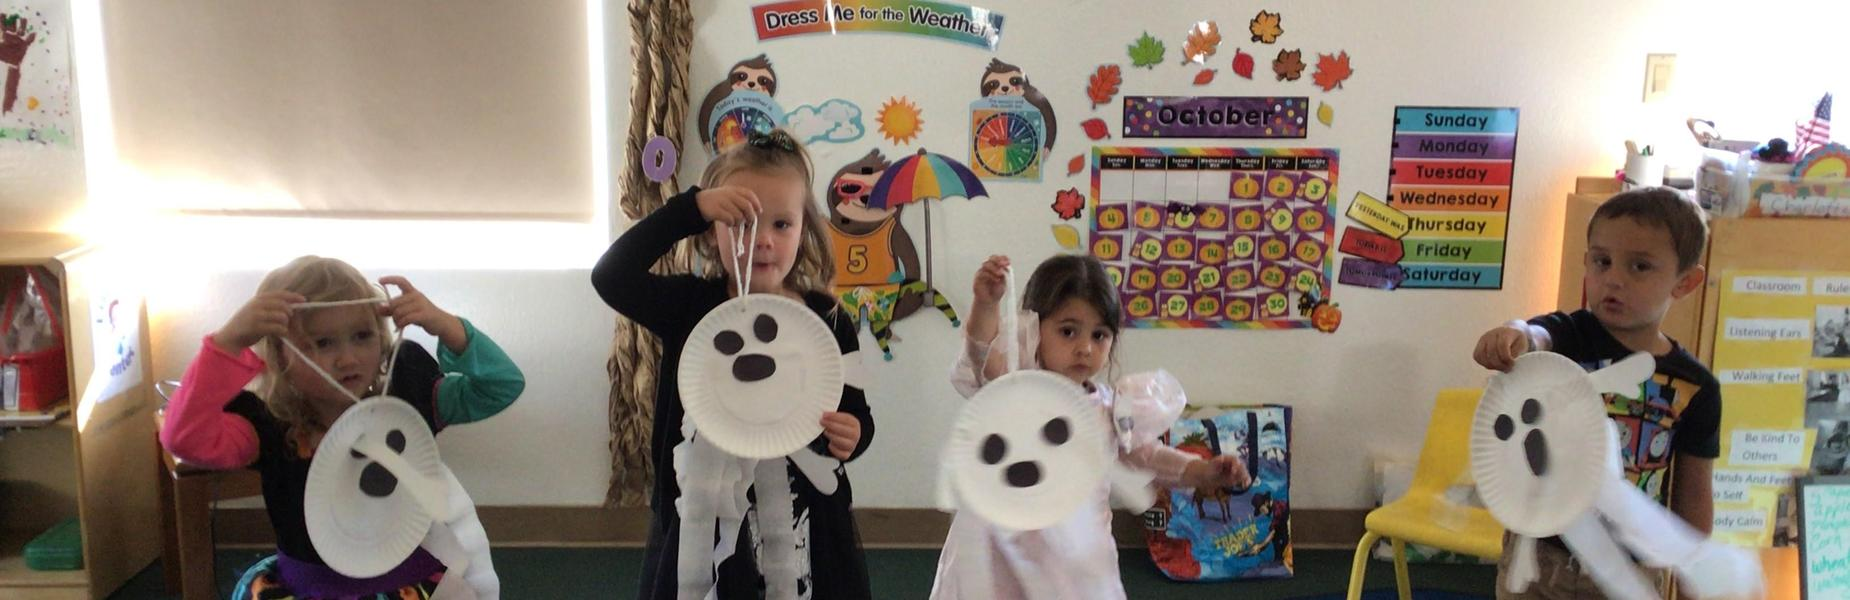 preschoolers and art